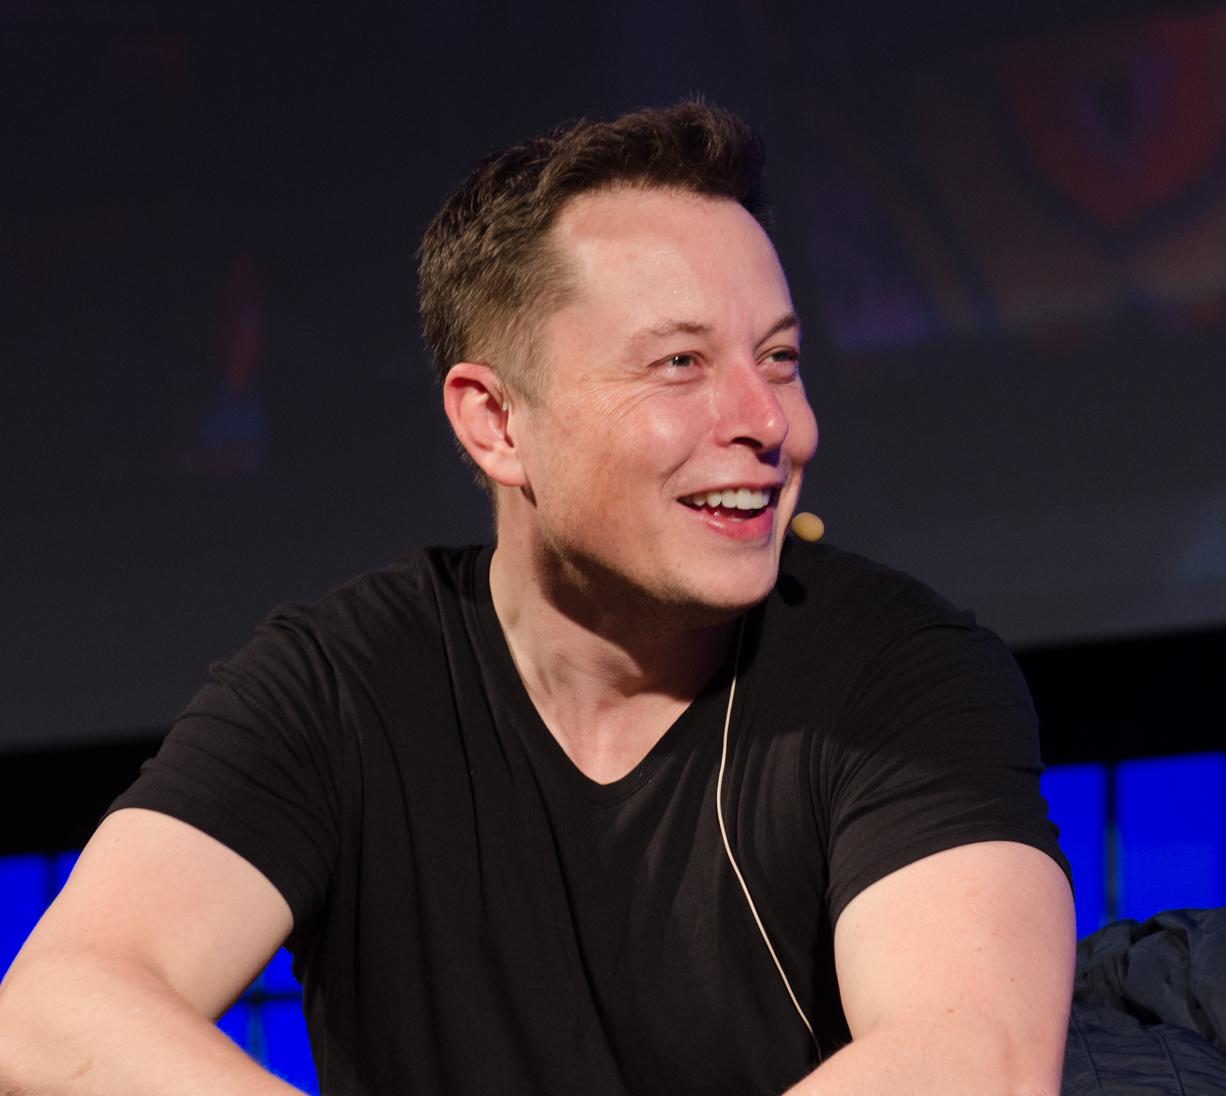 Elon Musk promete viajes a cualquier destino en menos de una hora